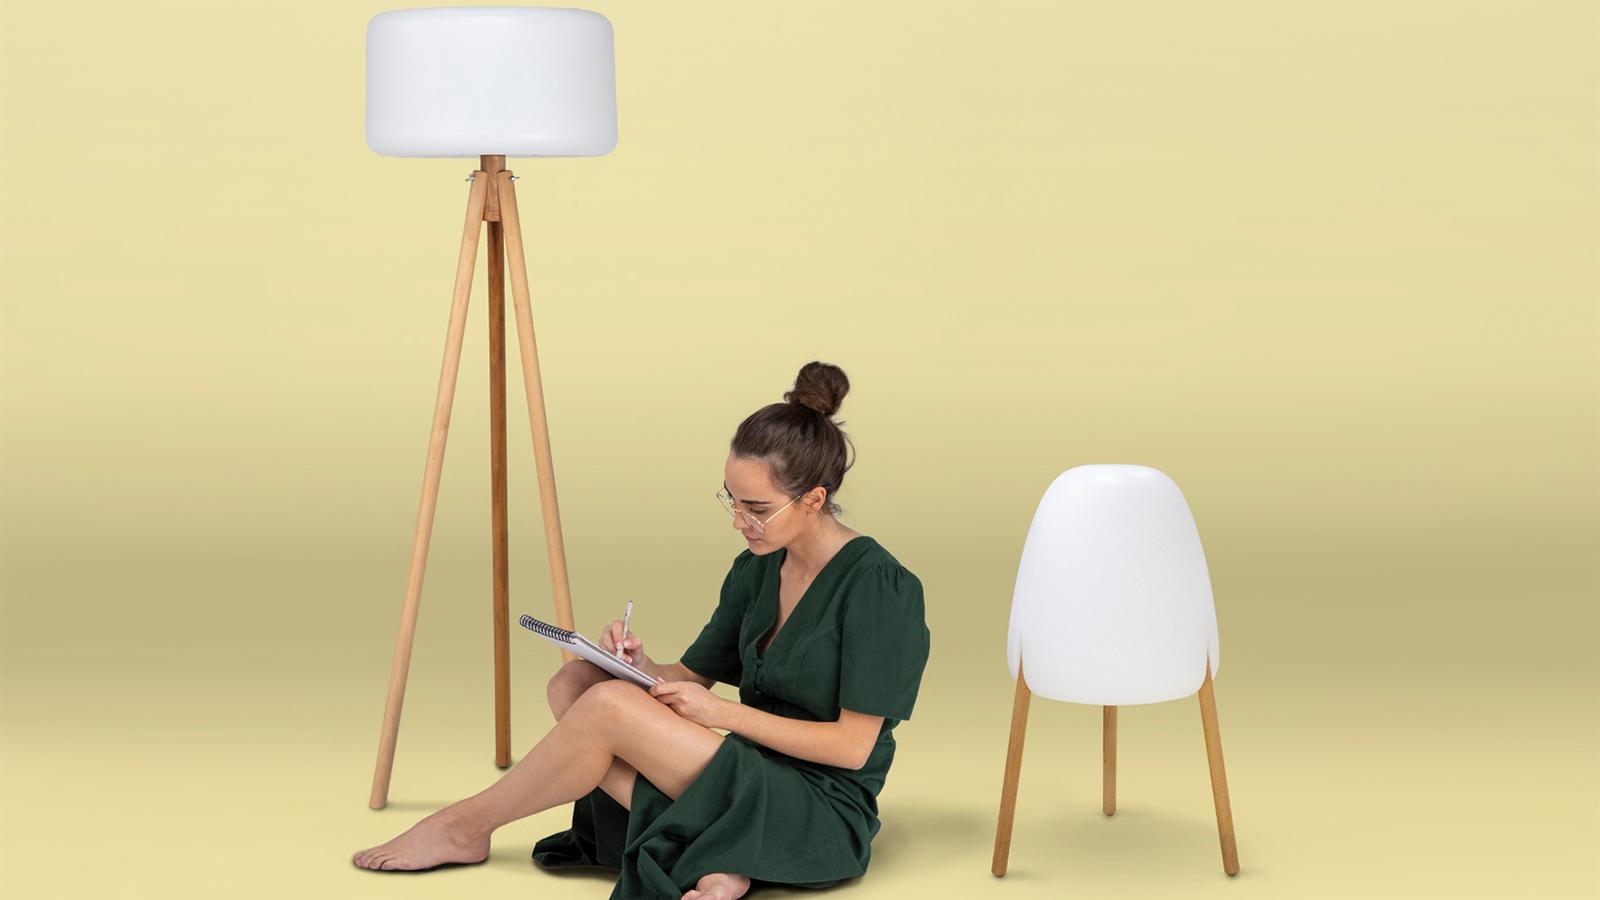 NG_Chloe-standing-lamp_1